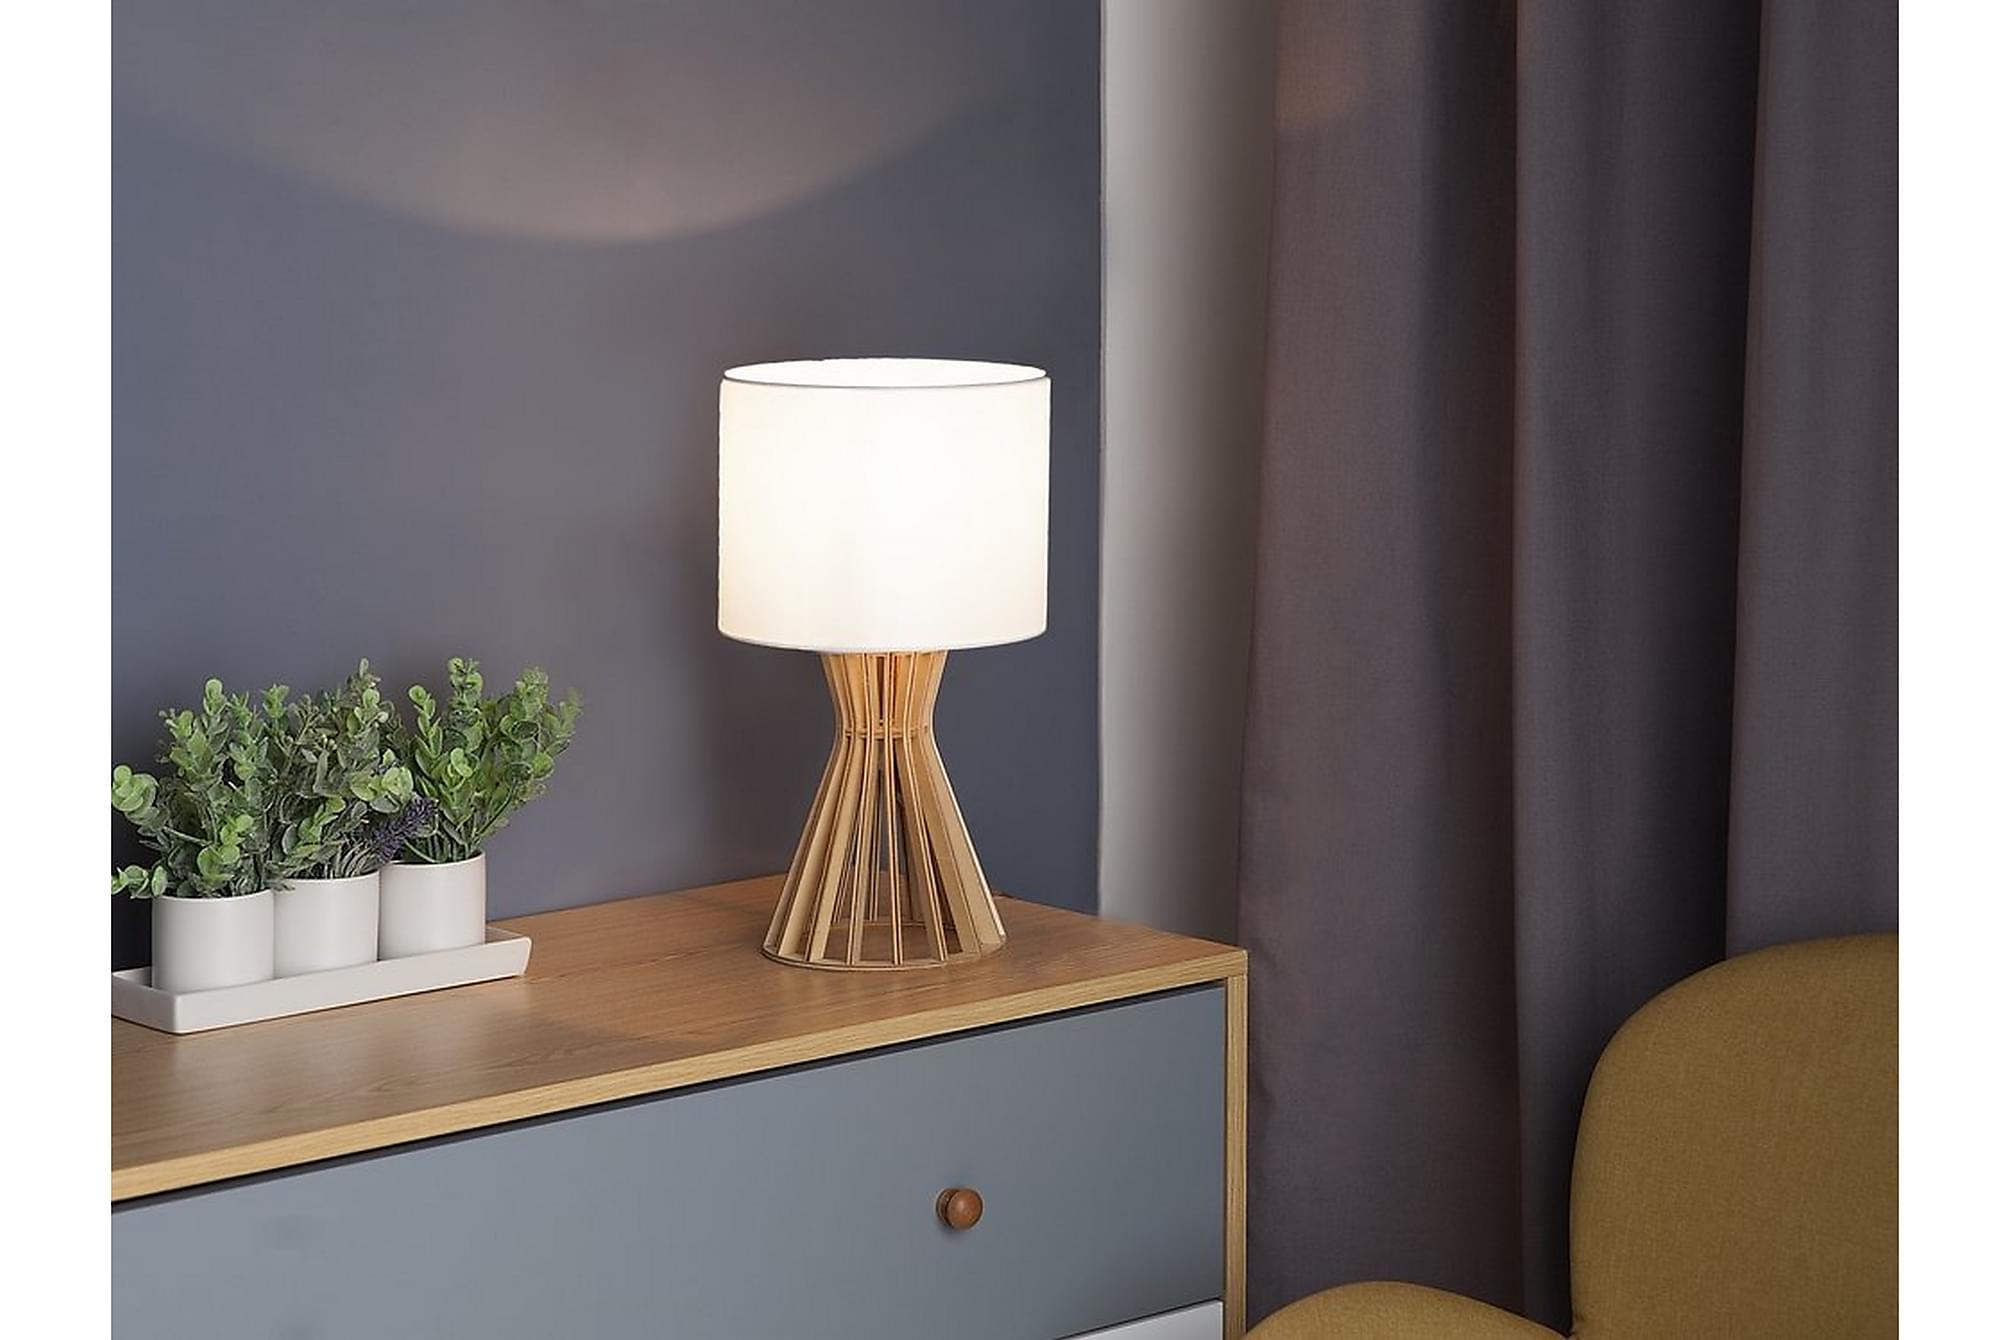 CARRION Bordslampa 27 cm